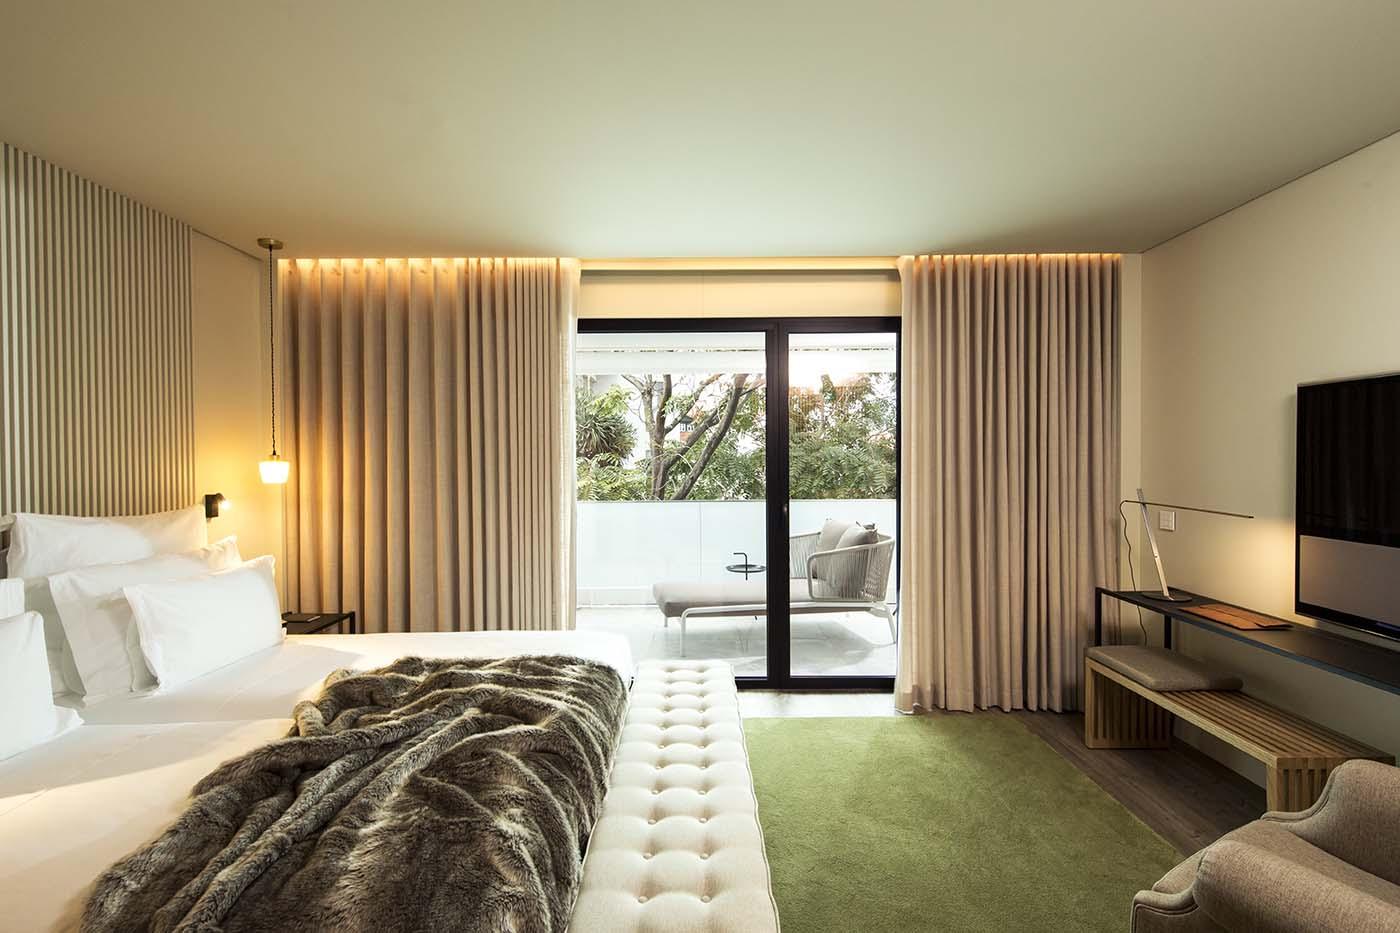 Memmo Príncipe Real Melhor Hotel Urbano de 2017